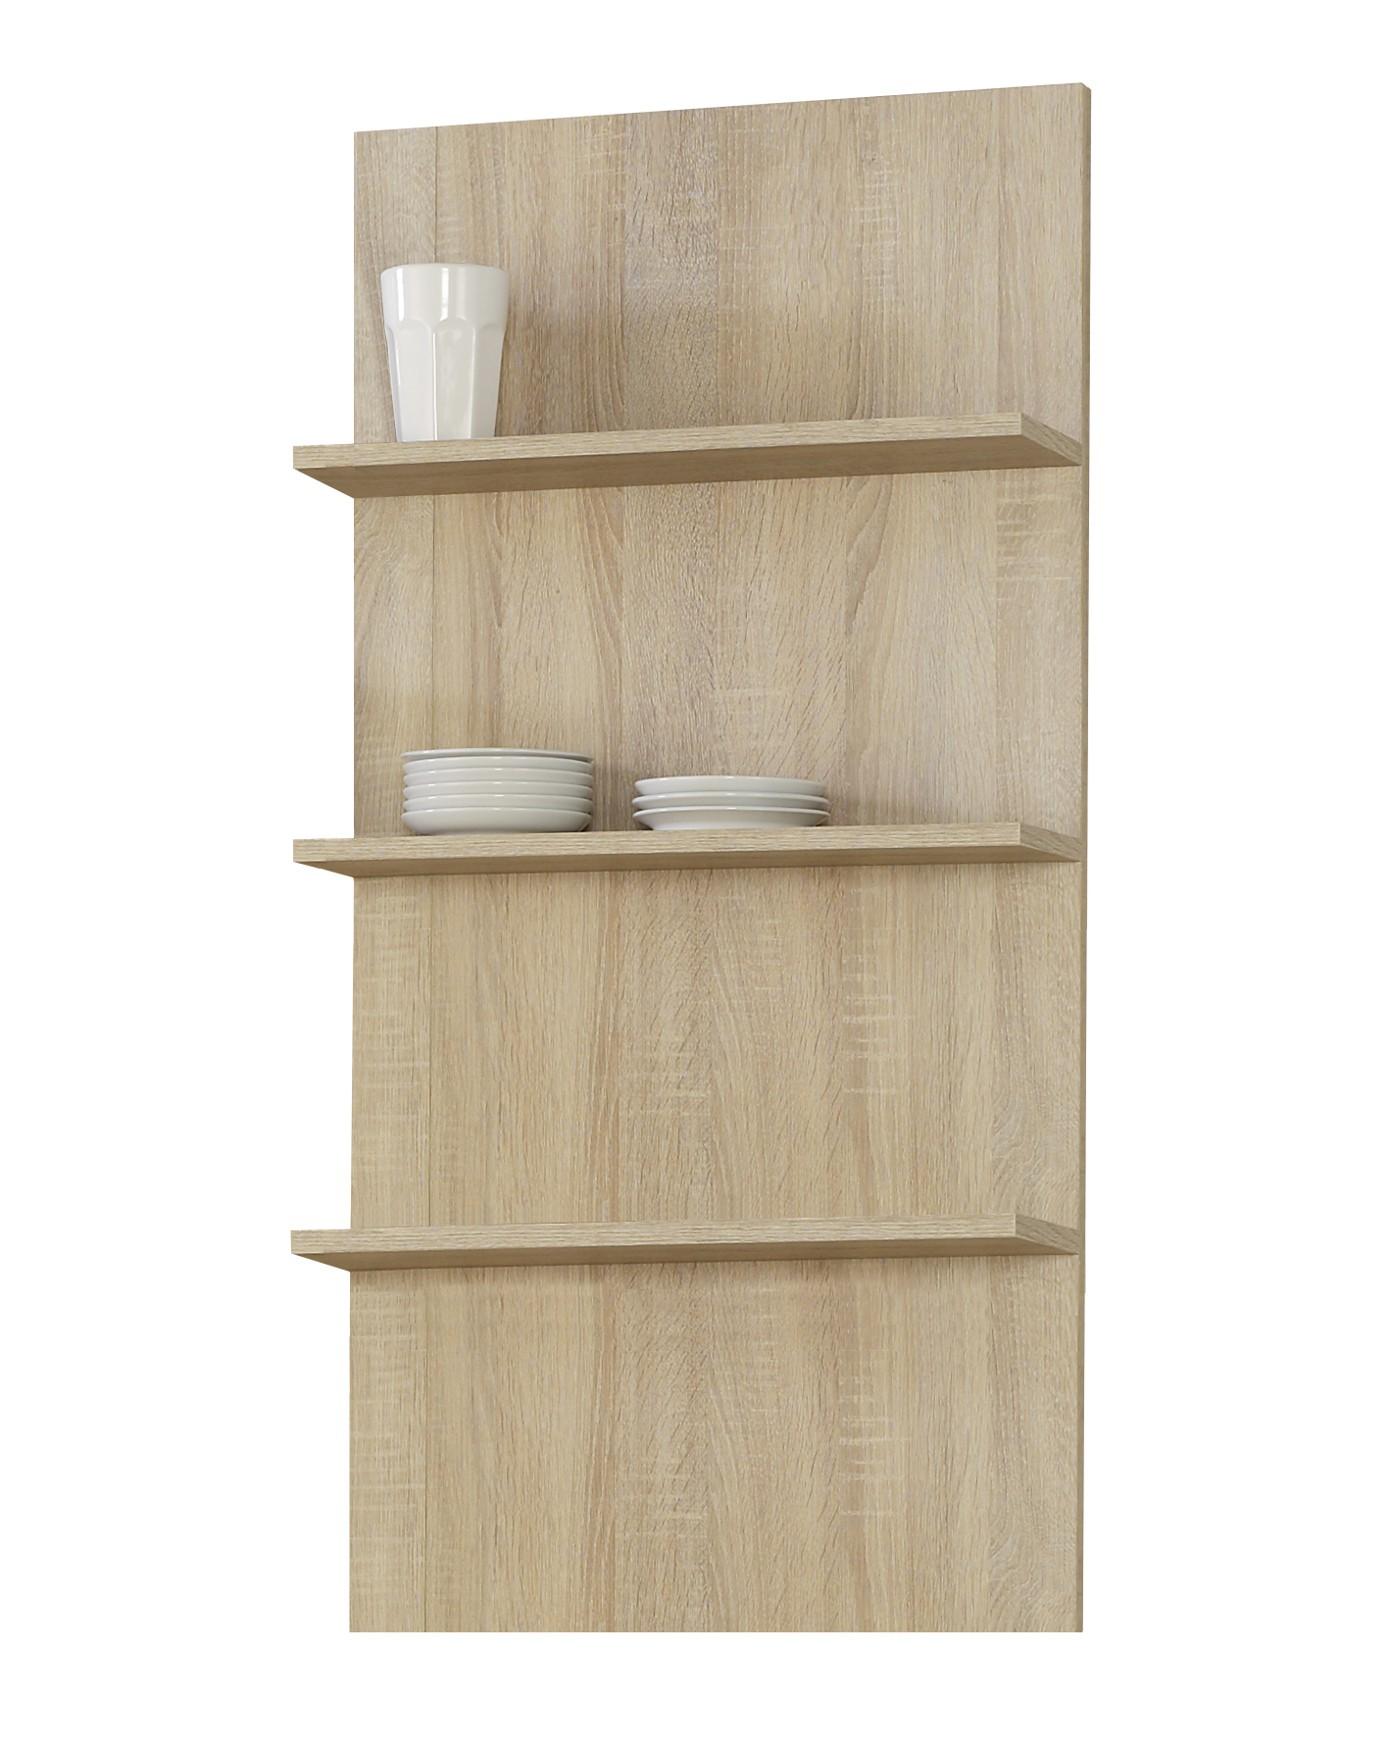 Küchen-Wandregal MÜNCHEN - 3 Ablageflächen - 50 cm breit - Eiche ...